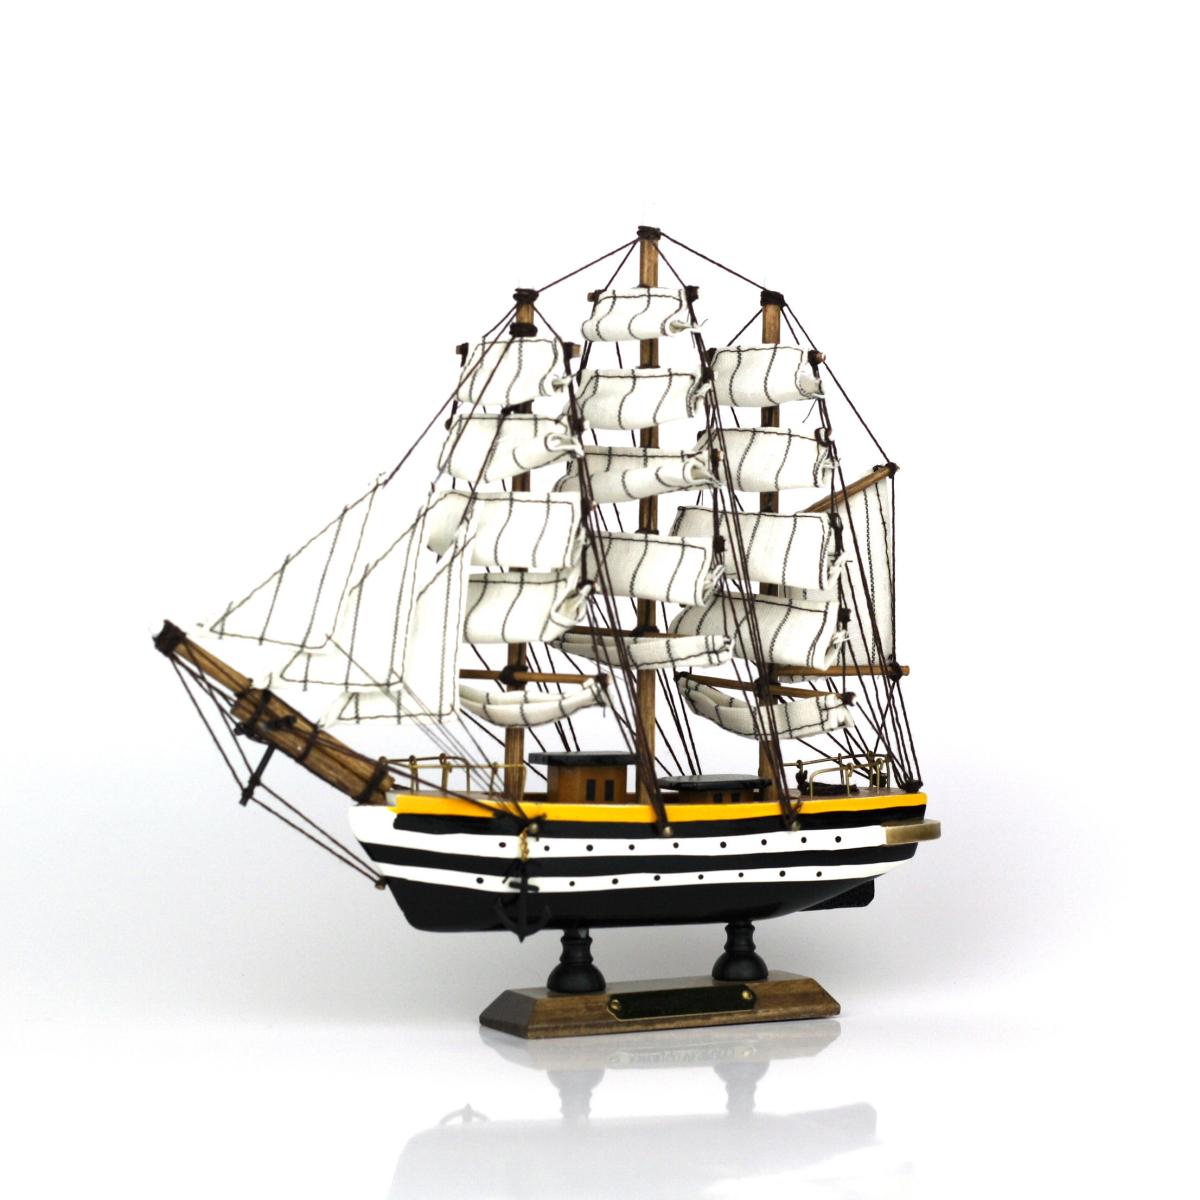 dekorace námořní loď